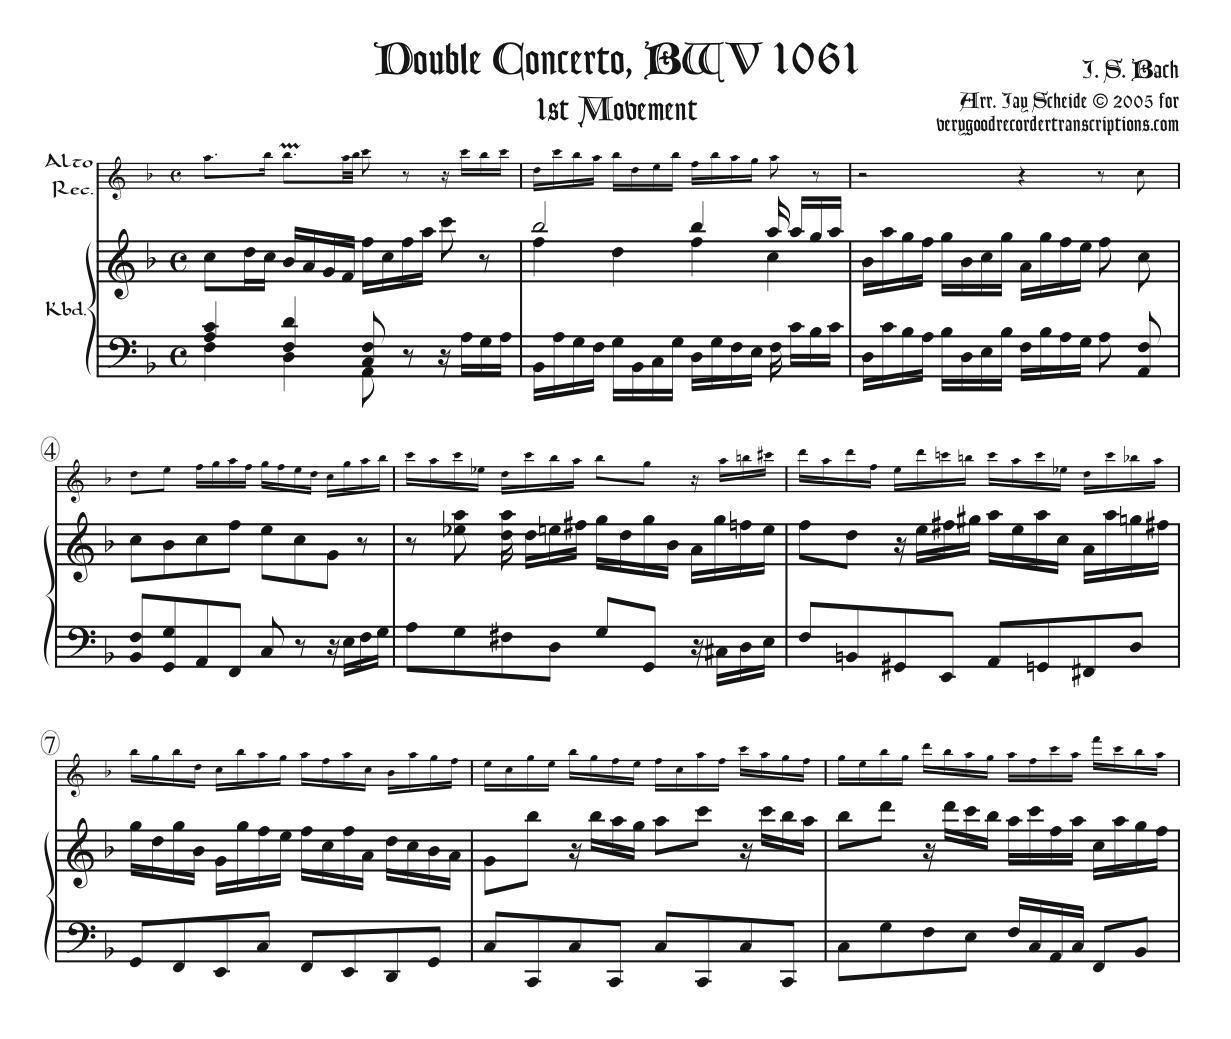 Concerto No. 2 for 2 Harpsichords, BWV 1061, 1st Mvt.